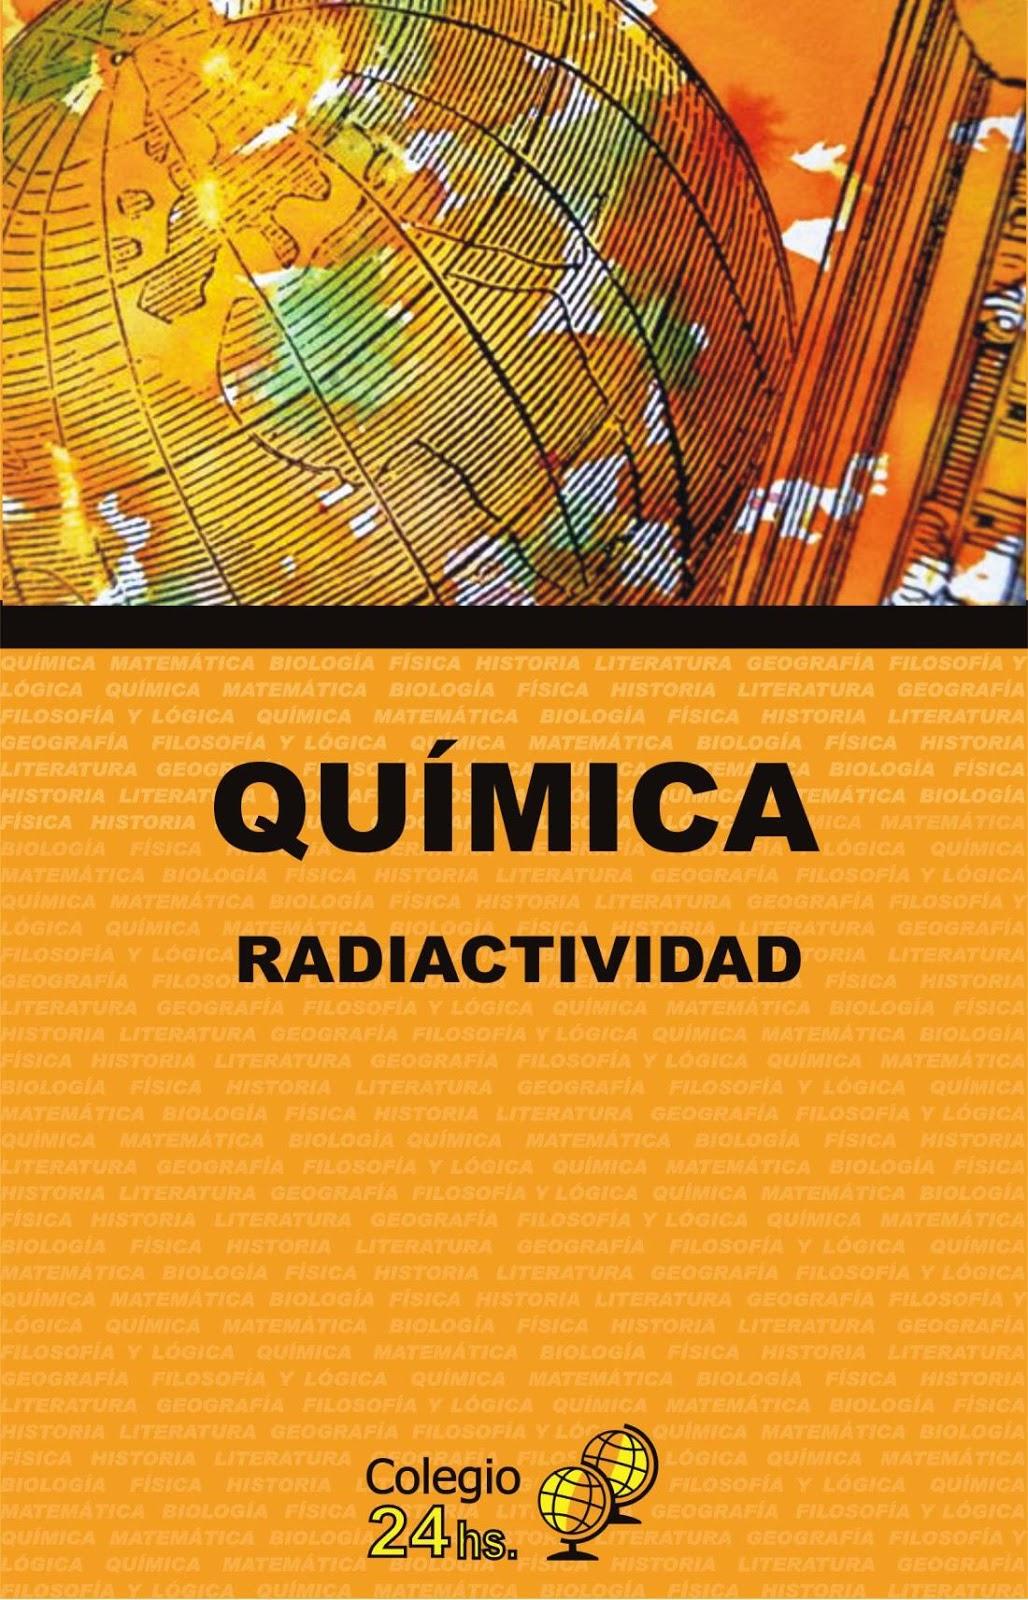 Química radiactividad – Colegio 24hs